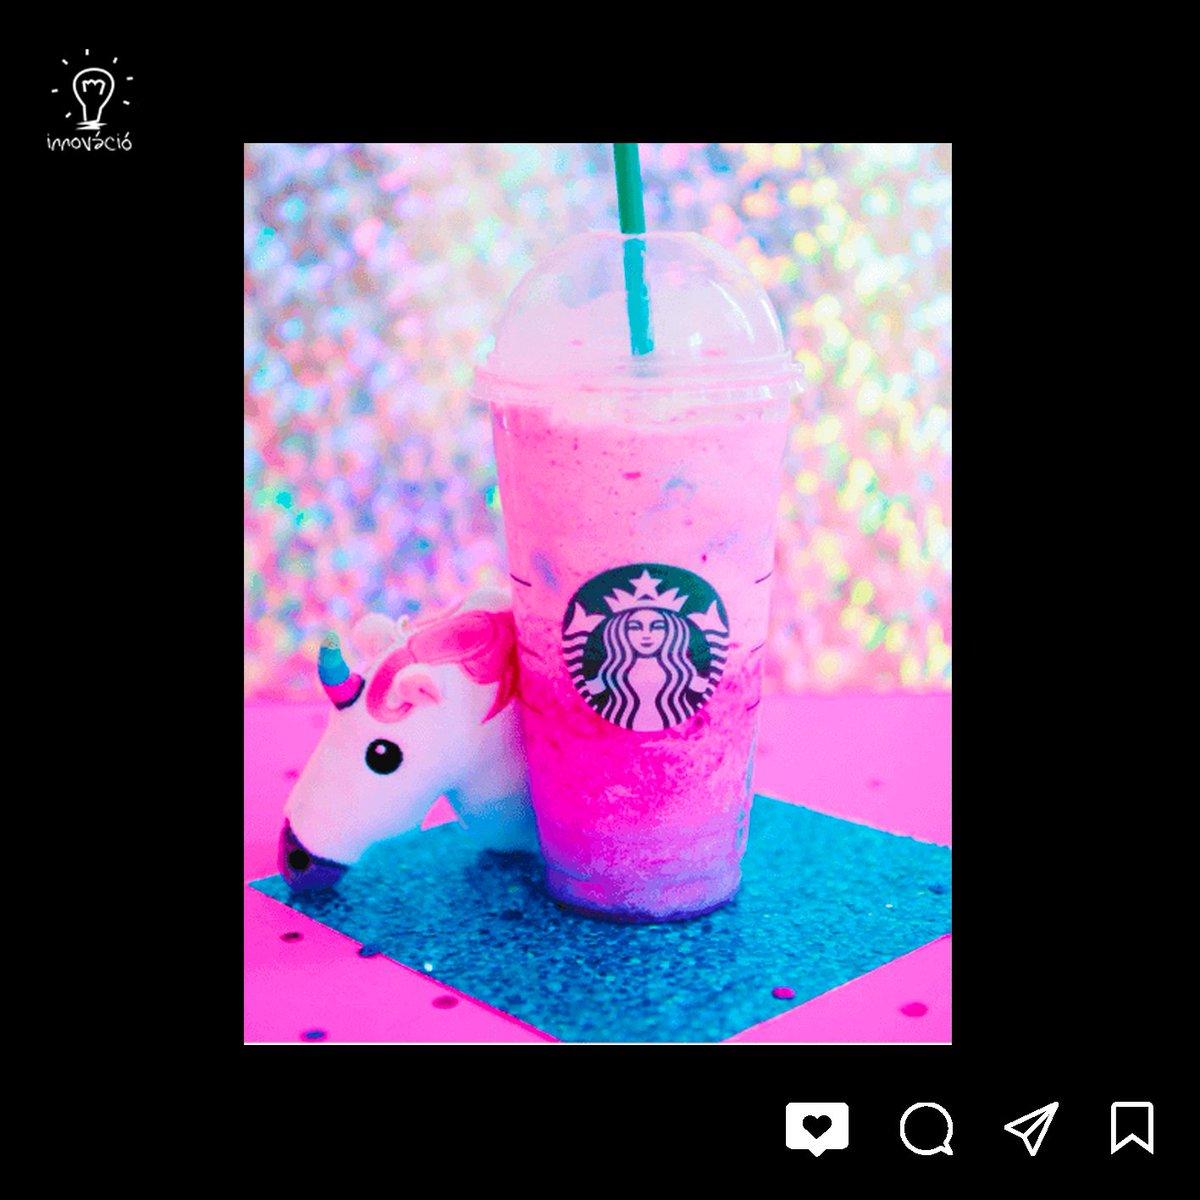 @starbucks: The Unicorn Frappuccino. O café é a rotina diária de milhões de pessoas, é a base de memes, citações do Instagram e muitos dirão que não podem começar o dia sem ele. .#digitalmarketingexpert #marketinghelp #contentstrategy #contentisking #instagramstrategy